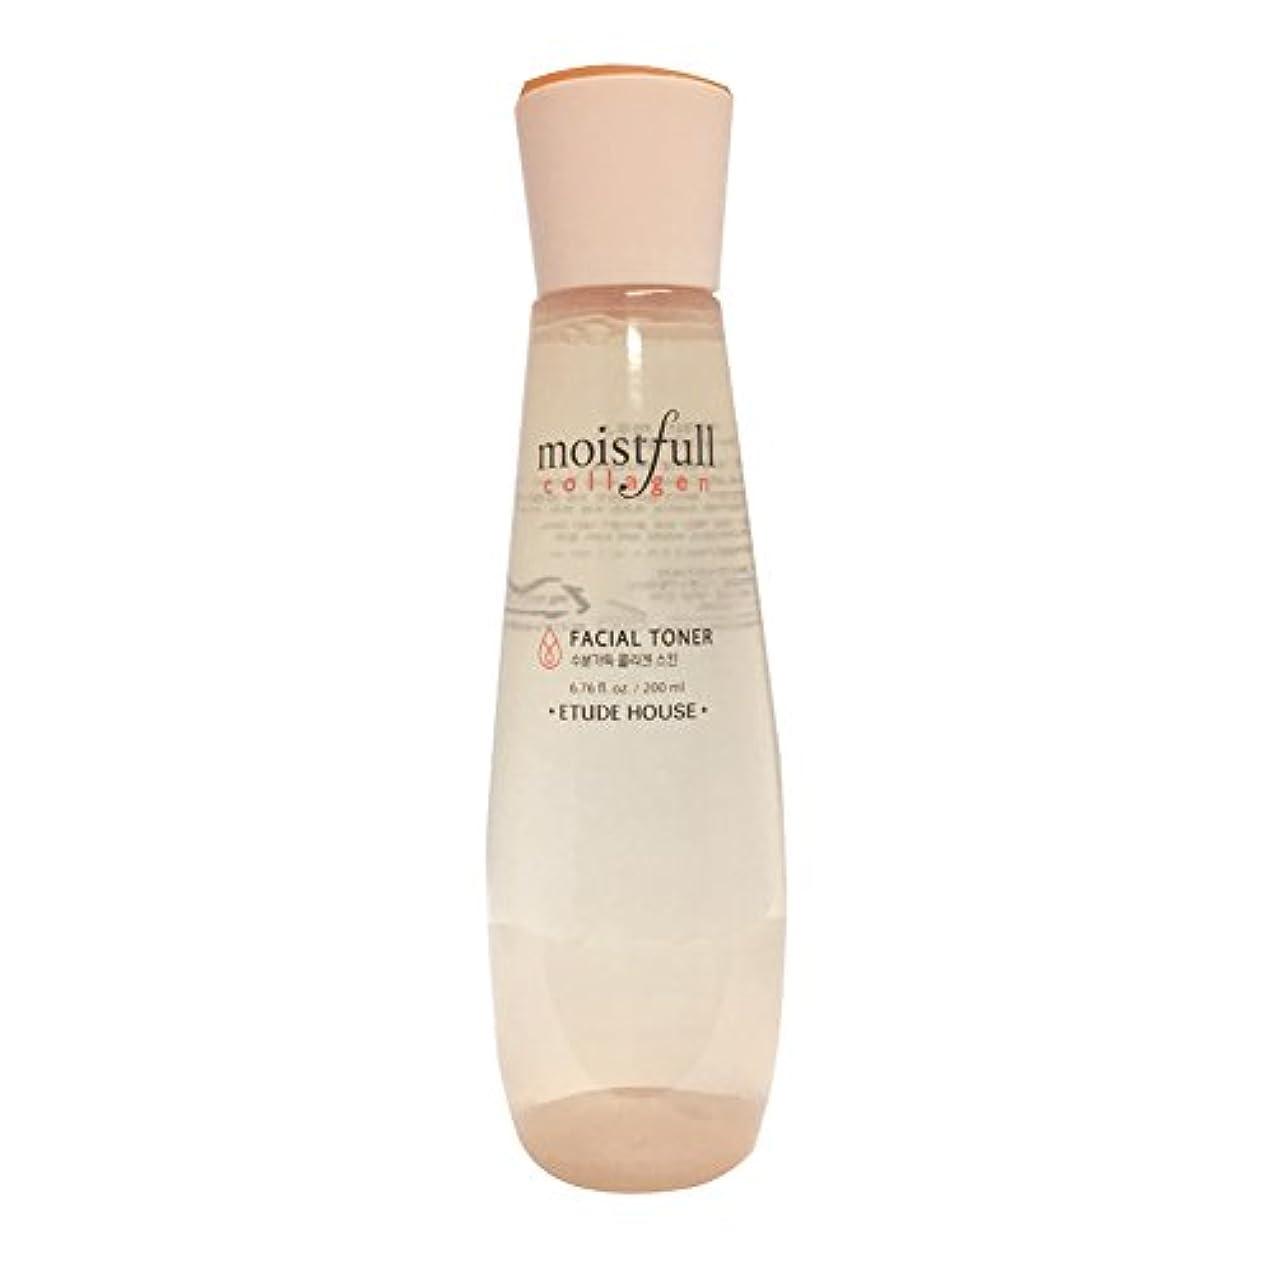 アラスカマットバスタブエチュードハウス (ETUDE HOUSE) モイストフル コラーゲン スキン (moistfull collagen FACIAL TONER) [化粧水 200ml] [並行輸入品]